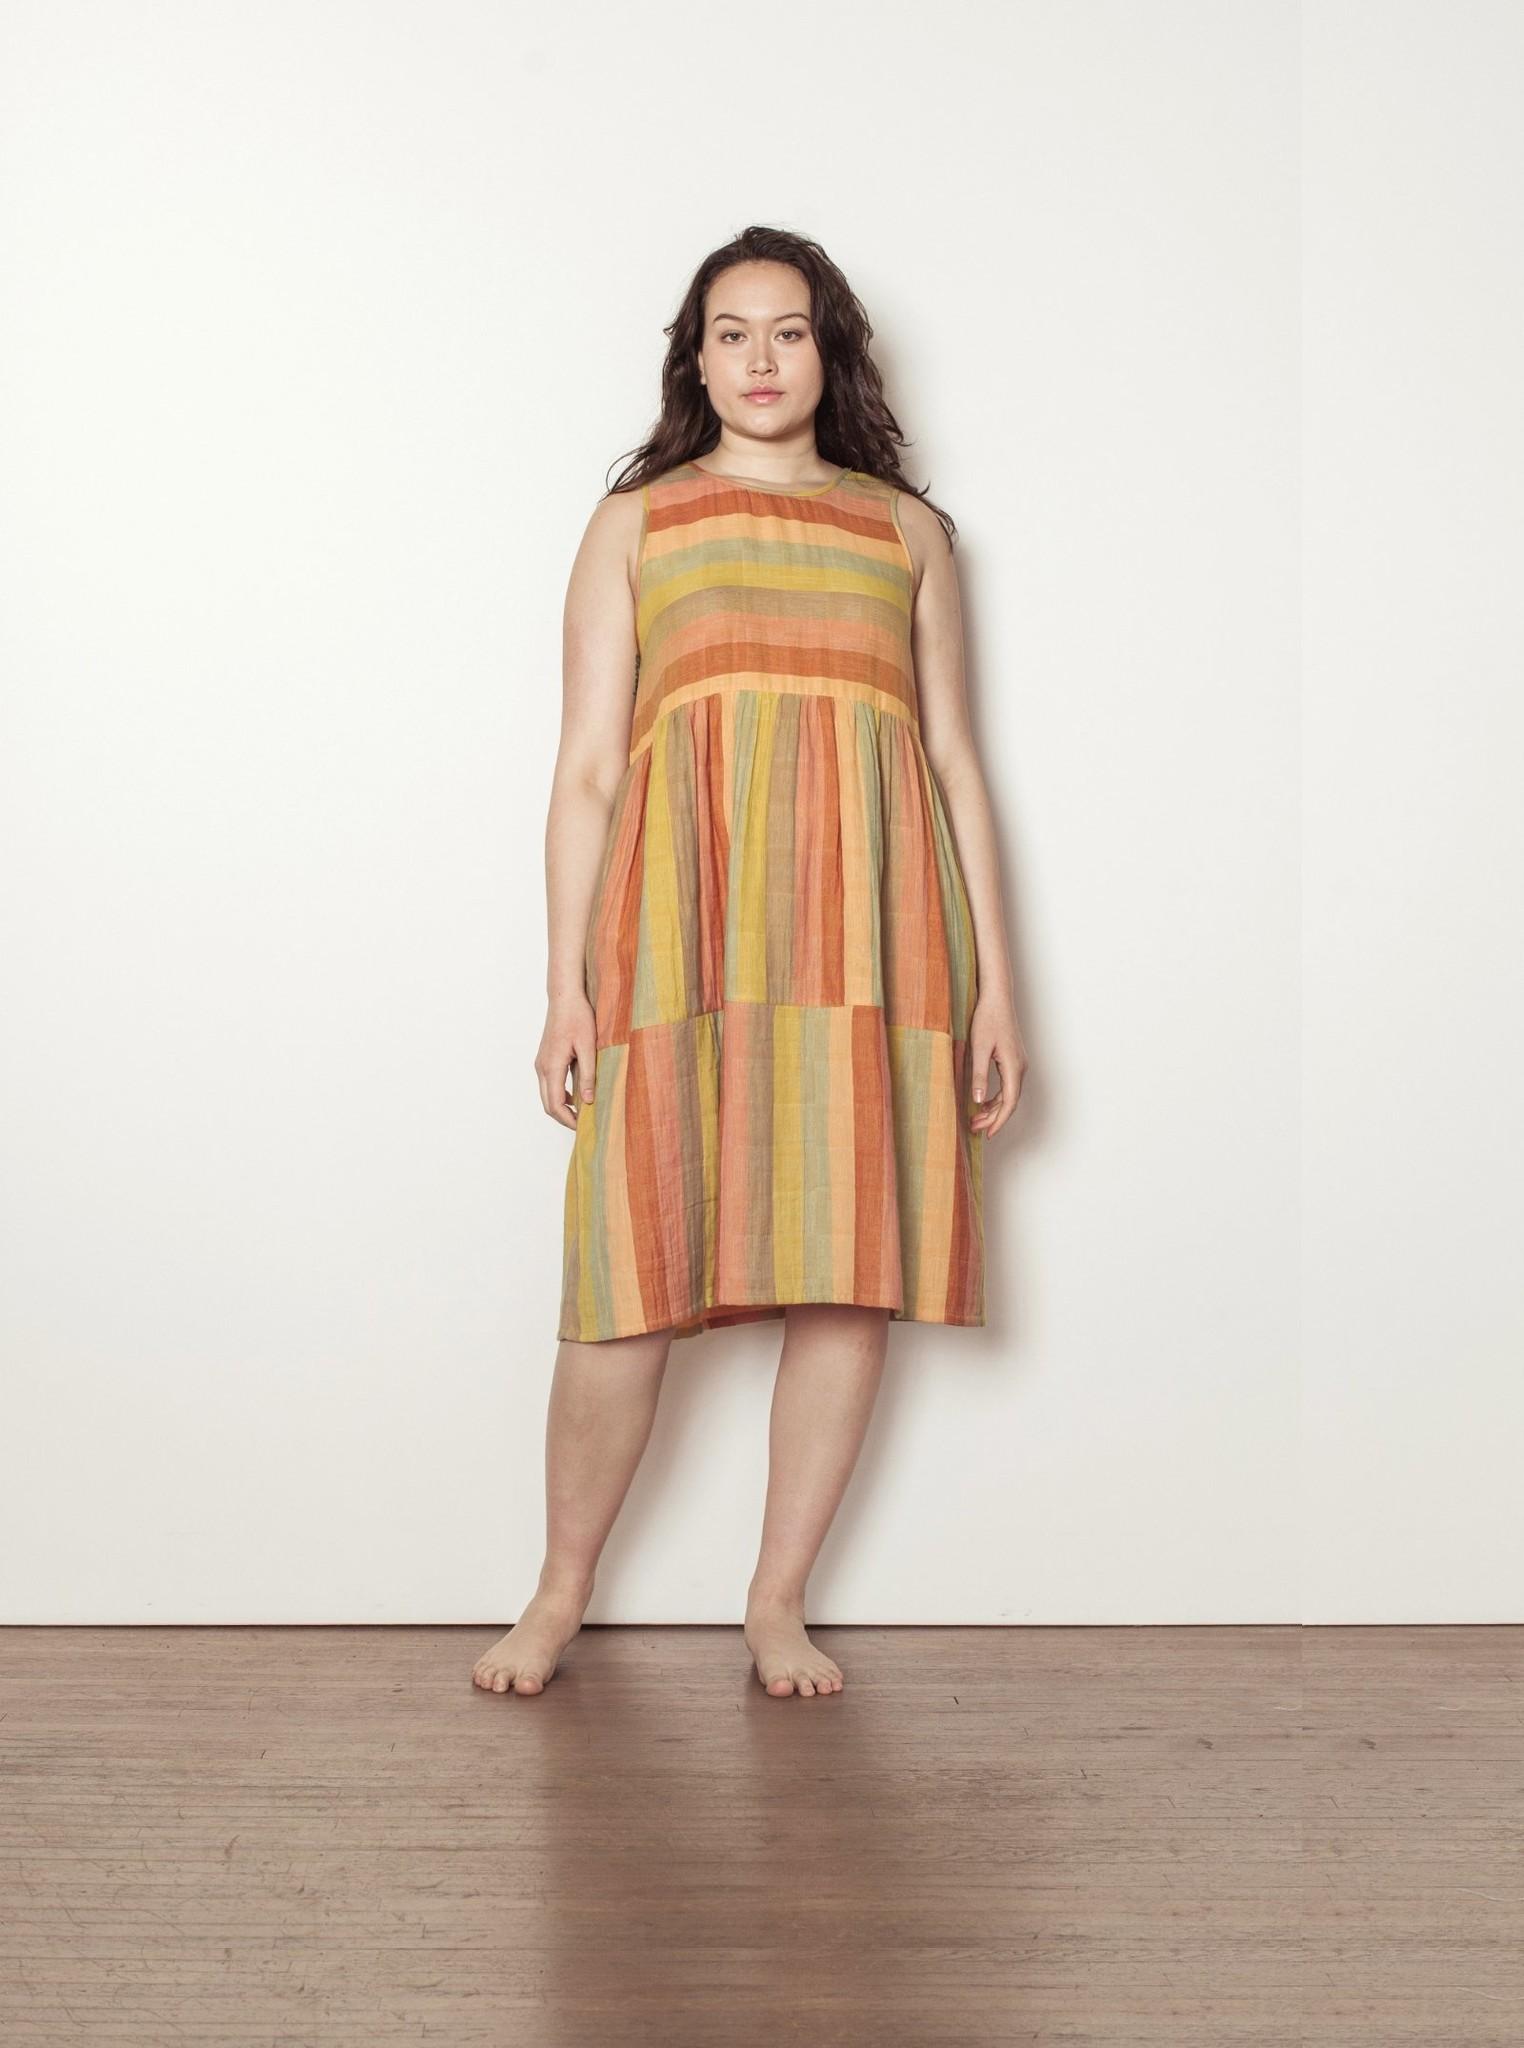 Ace & Jig Ace & Jig Teasdale Striped Cotton Gauze Dress